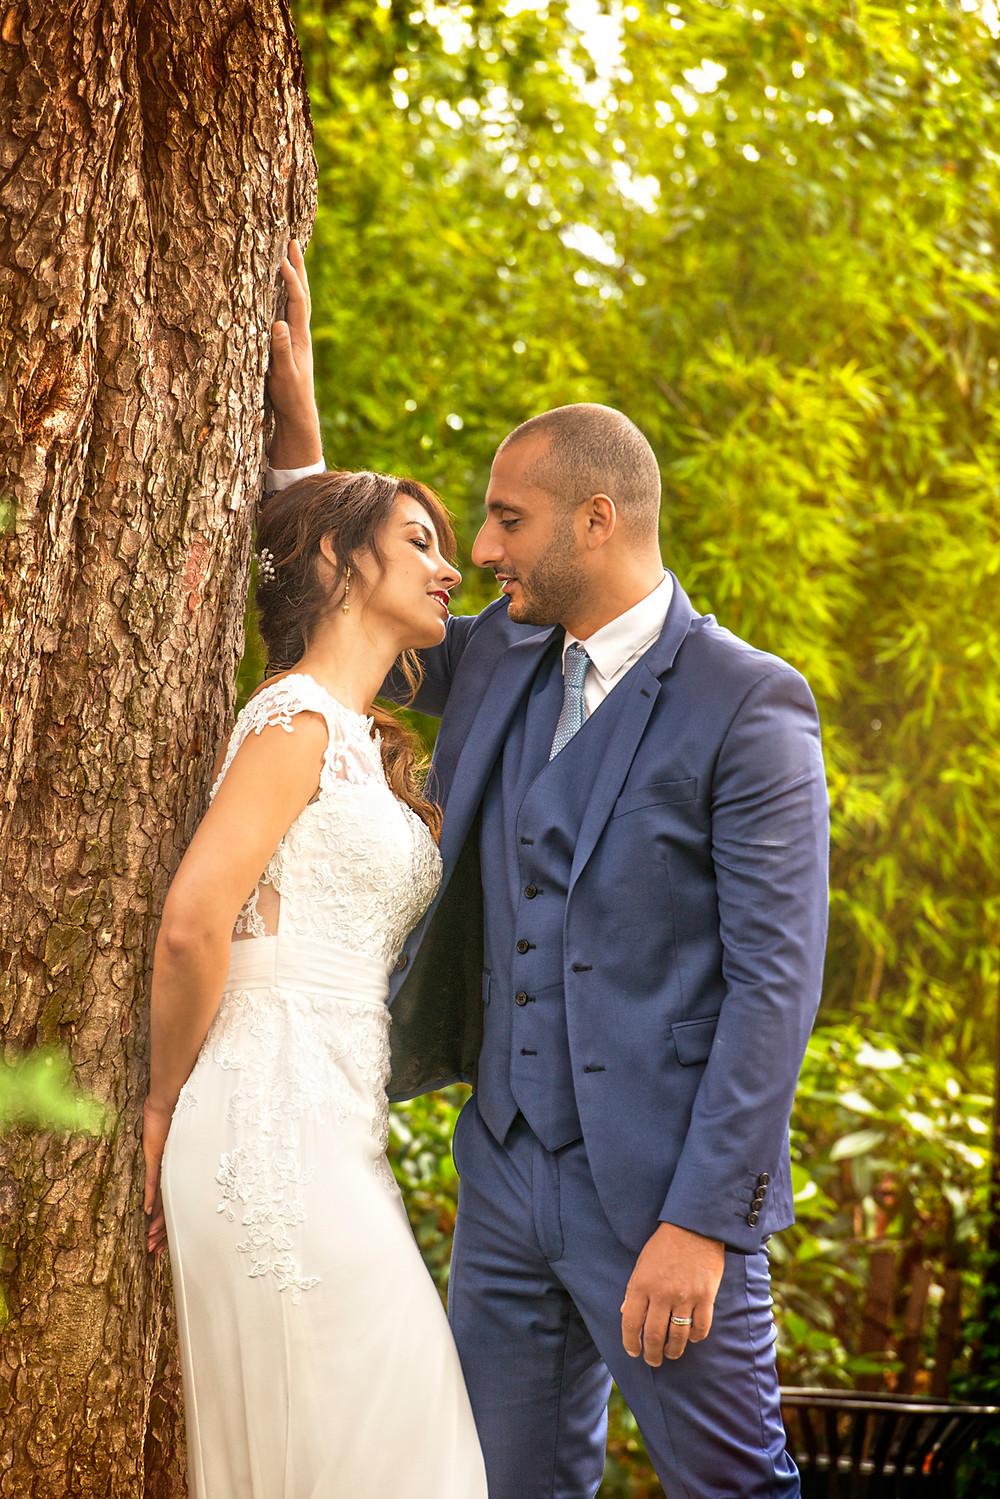 photographe de mariage - val d'oise - 95 - courbevoie - 92